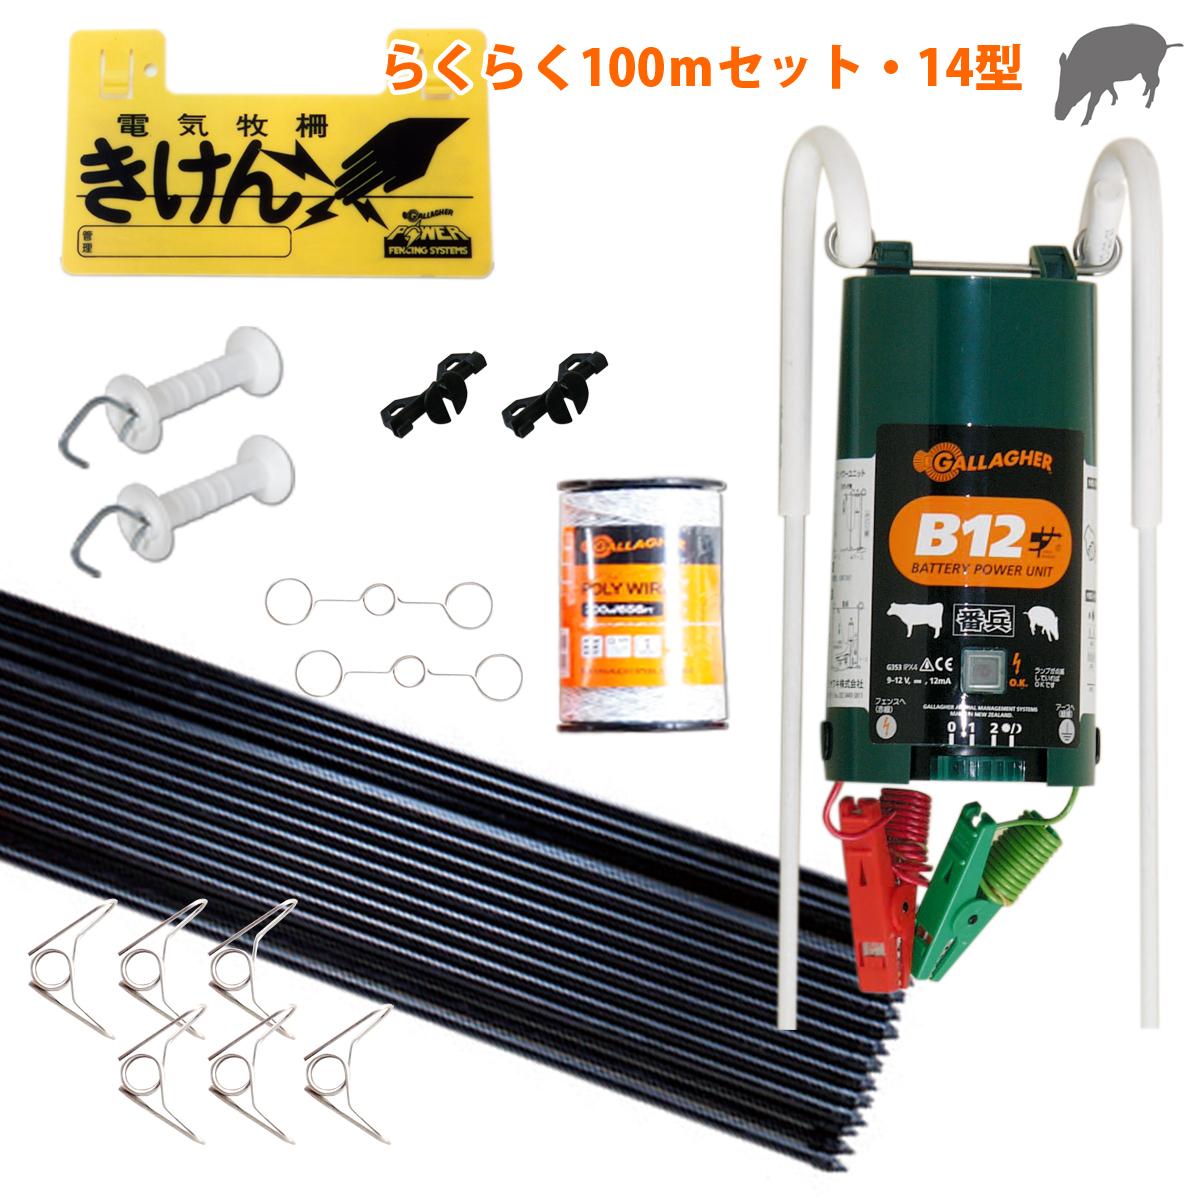 【電気柵】らくらく100mセット【本体2年間保証・光センサー付】14型仕様・2段張り/ガラガー